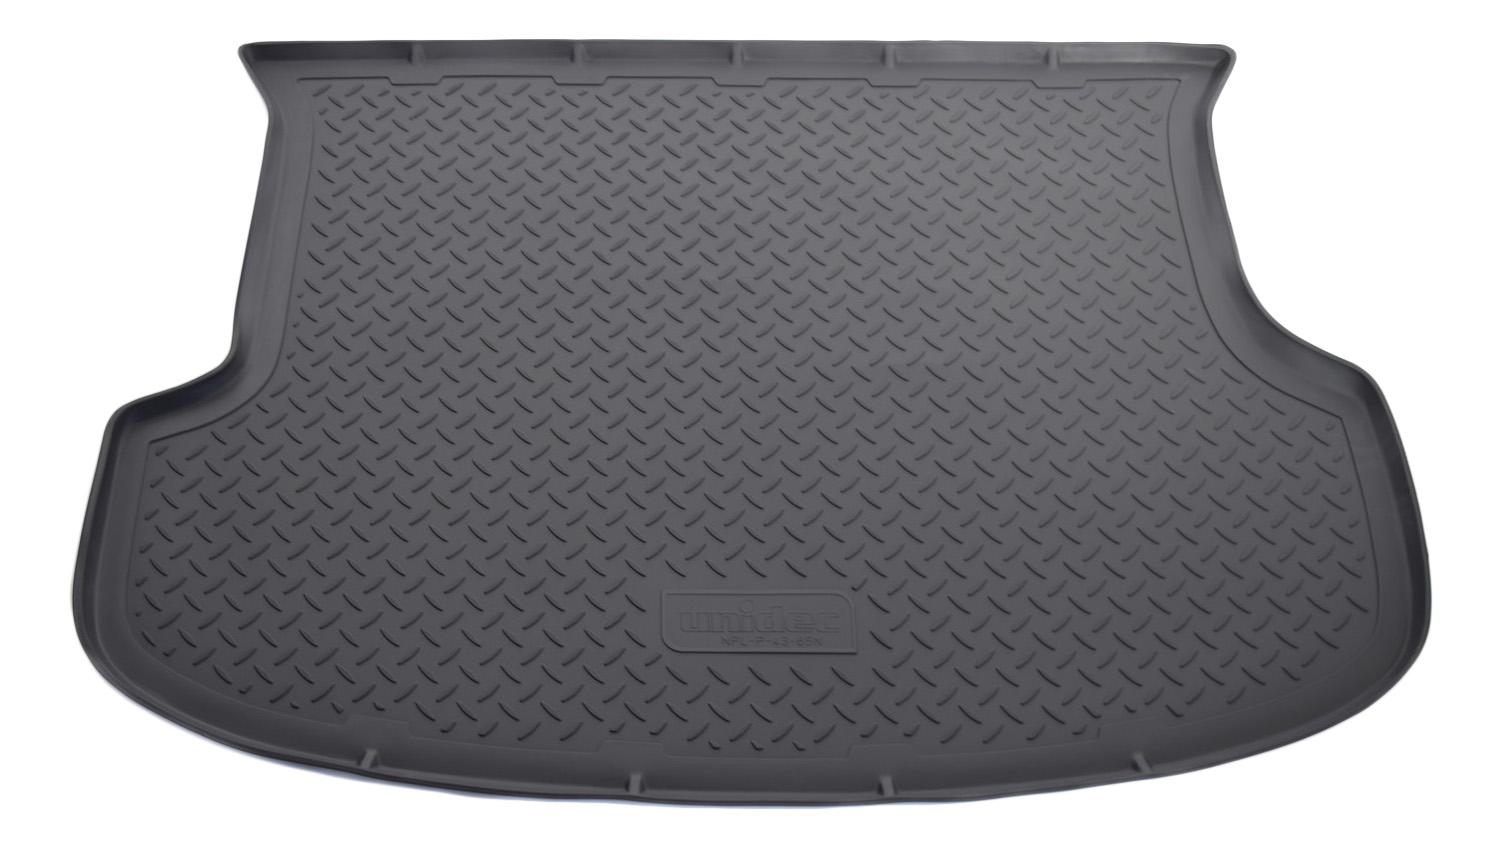 Коврик в багажник автомобиля для KIA Norplast (NPL-P-43-65N)